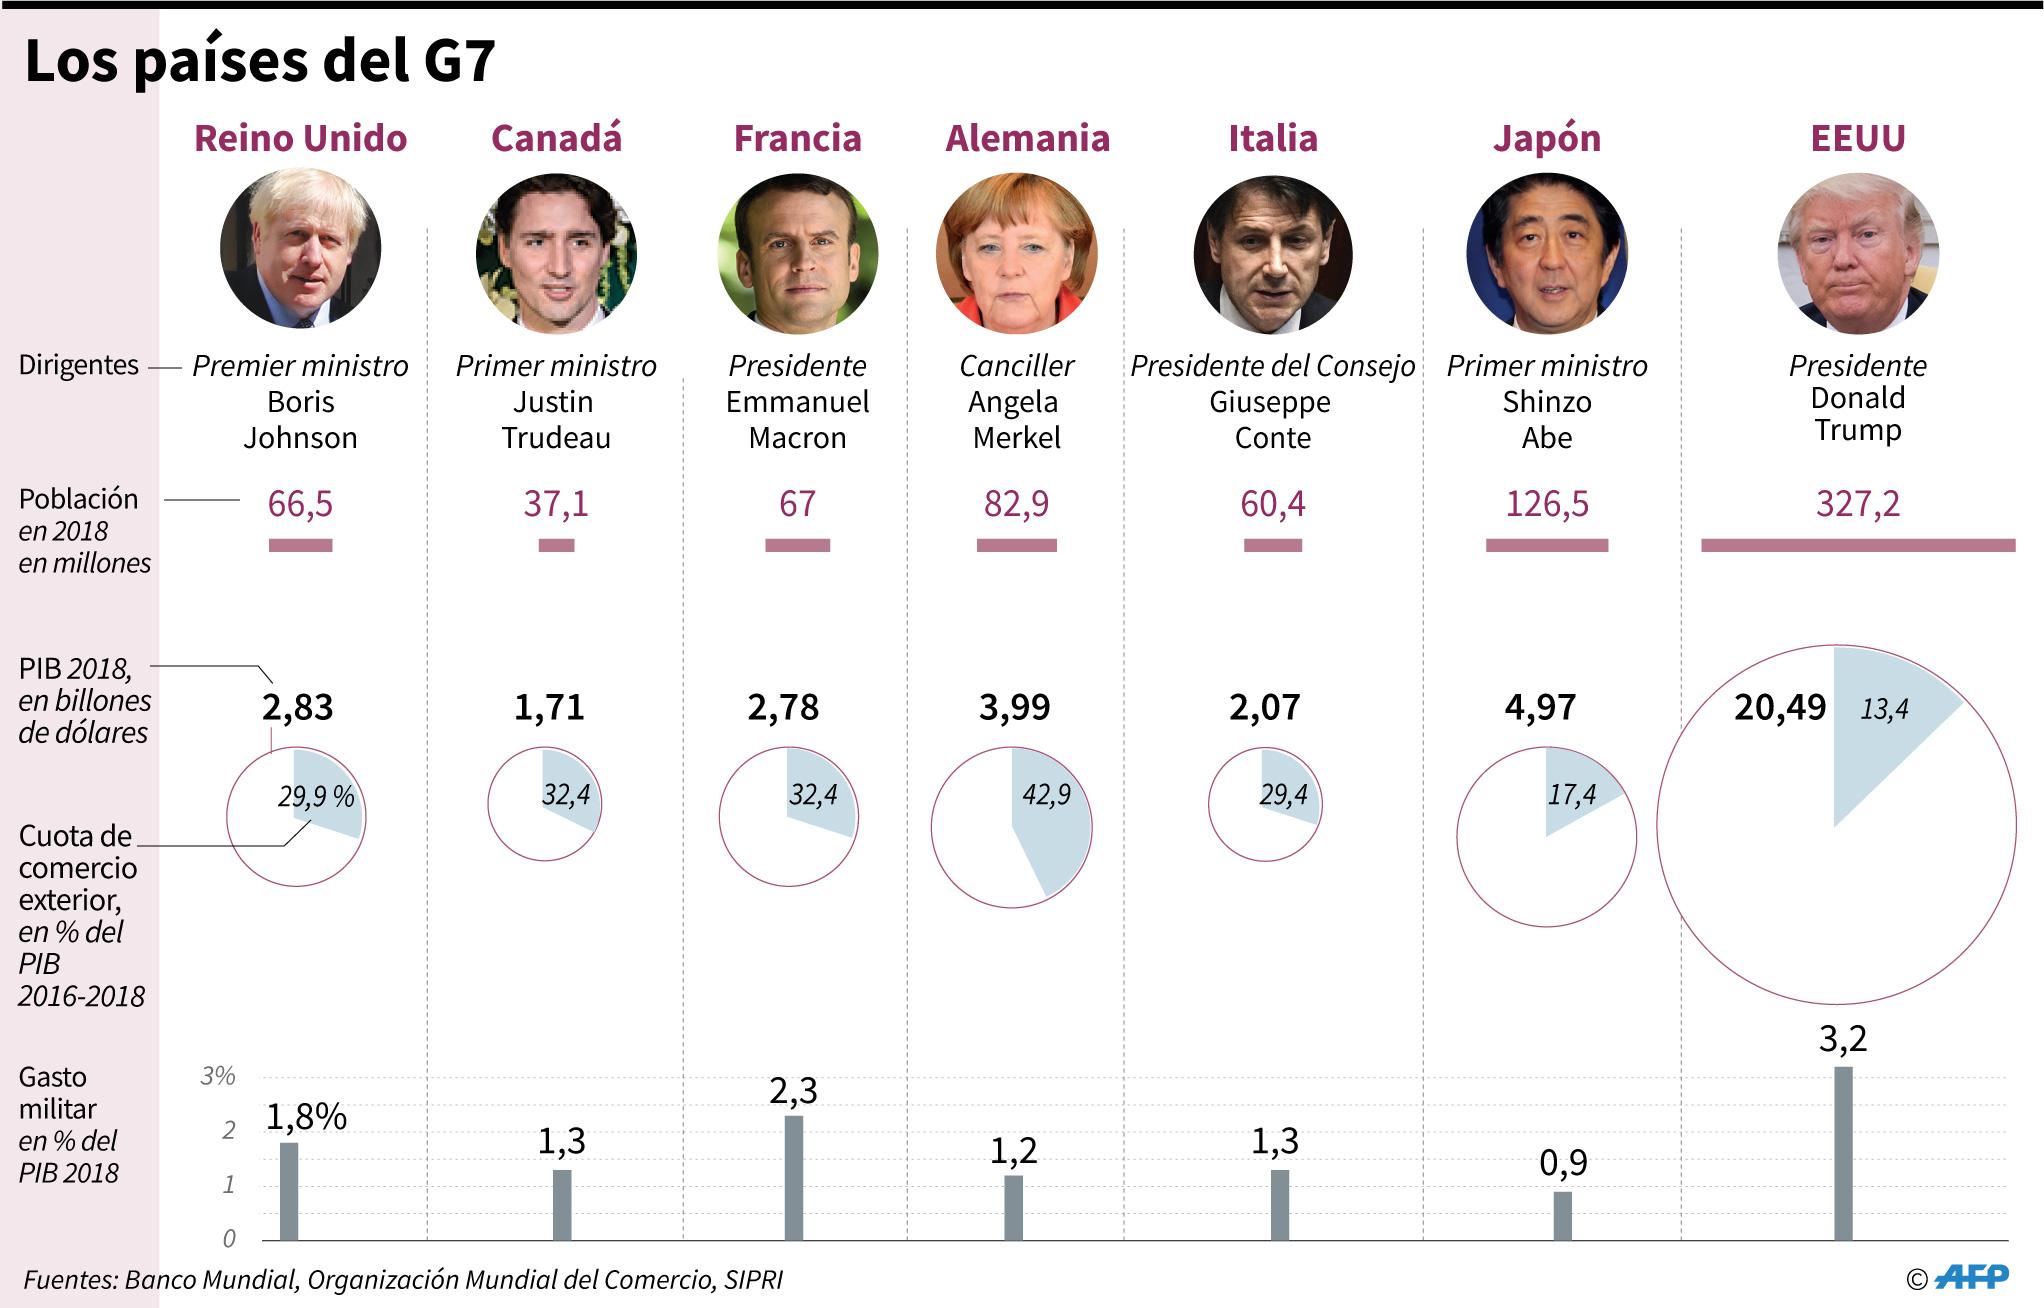 Cifras claves de los países del G7 que se reúnen en Biarritz, Francia, del 24 al 26 de agosto. (AFP)